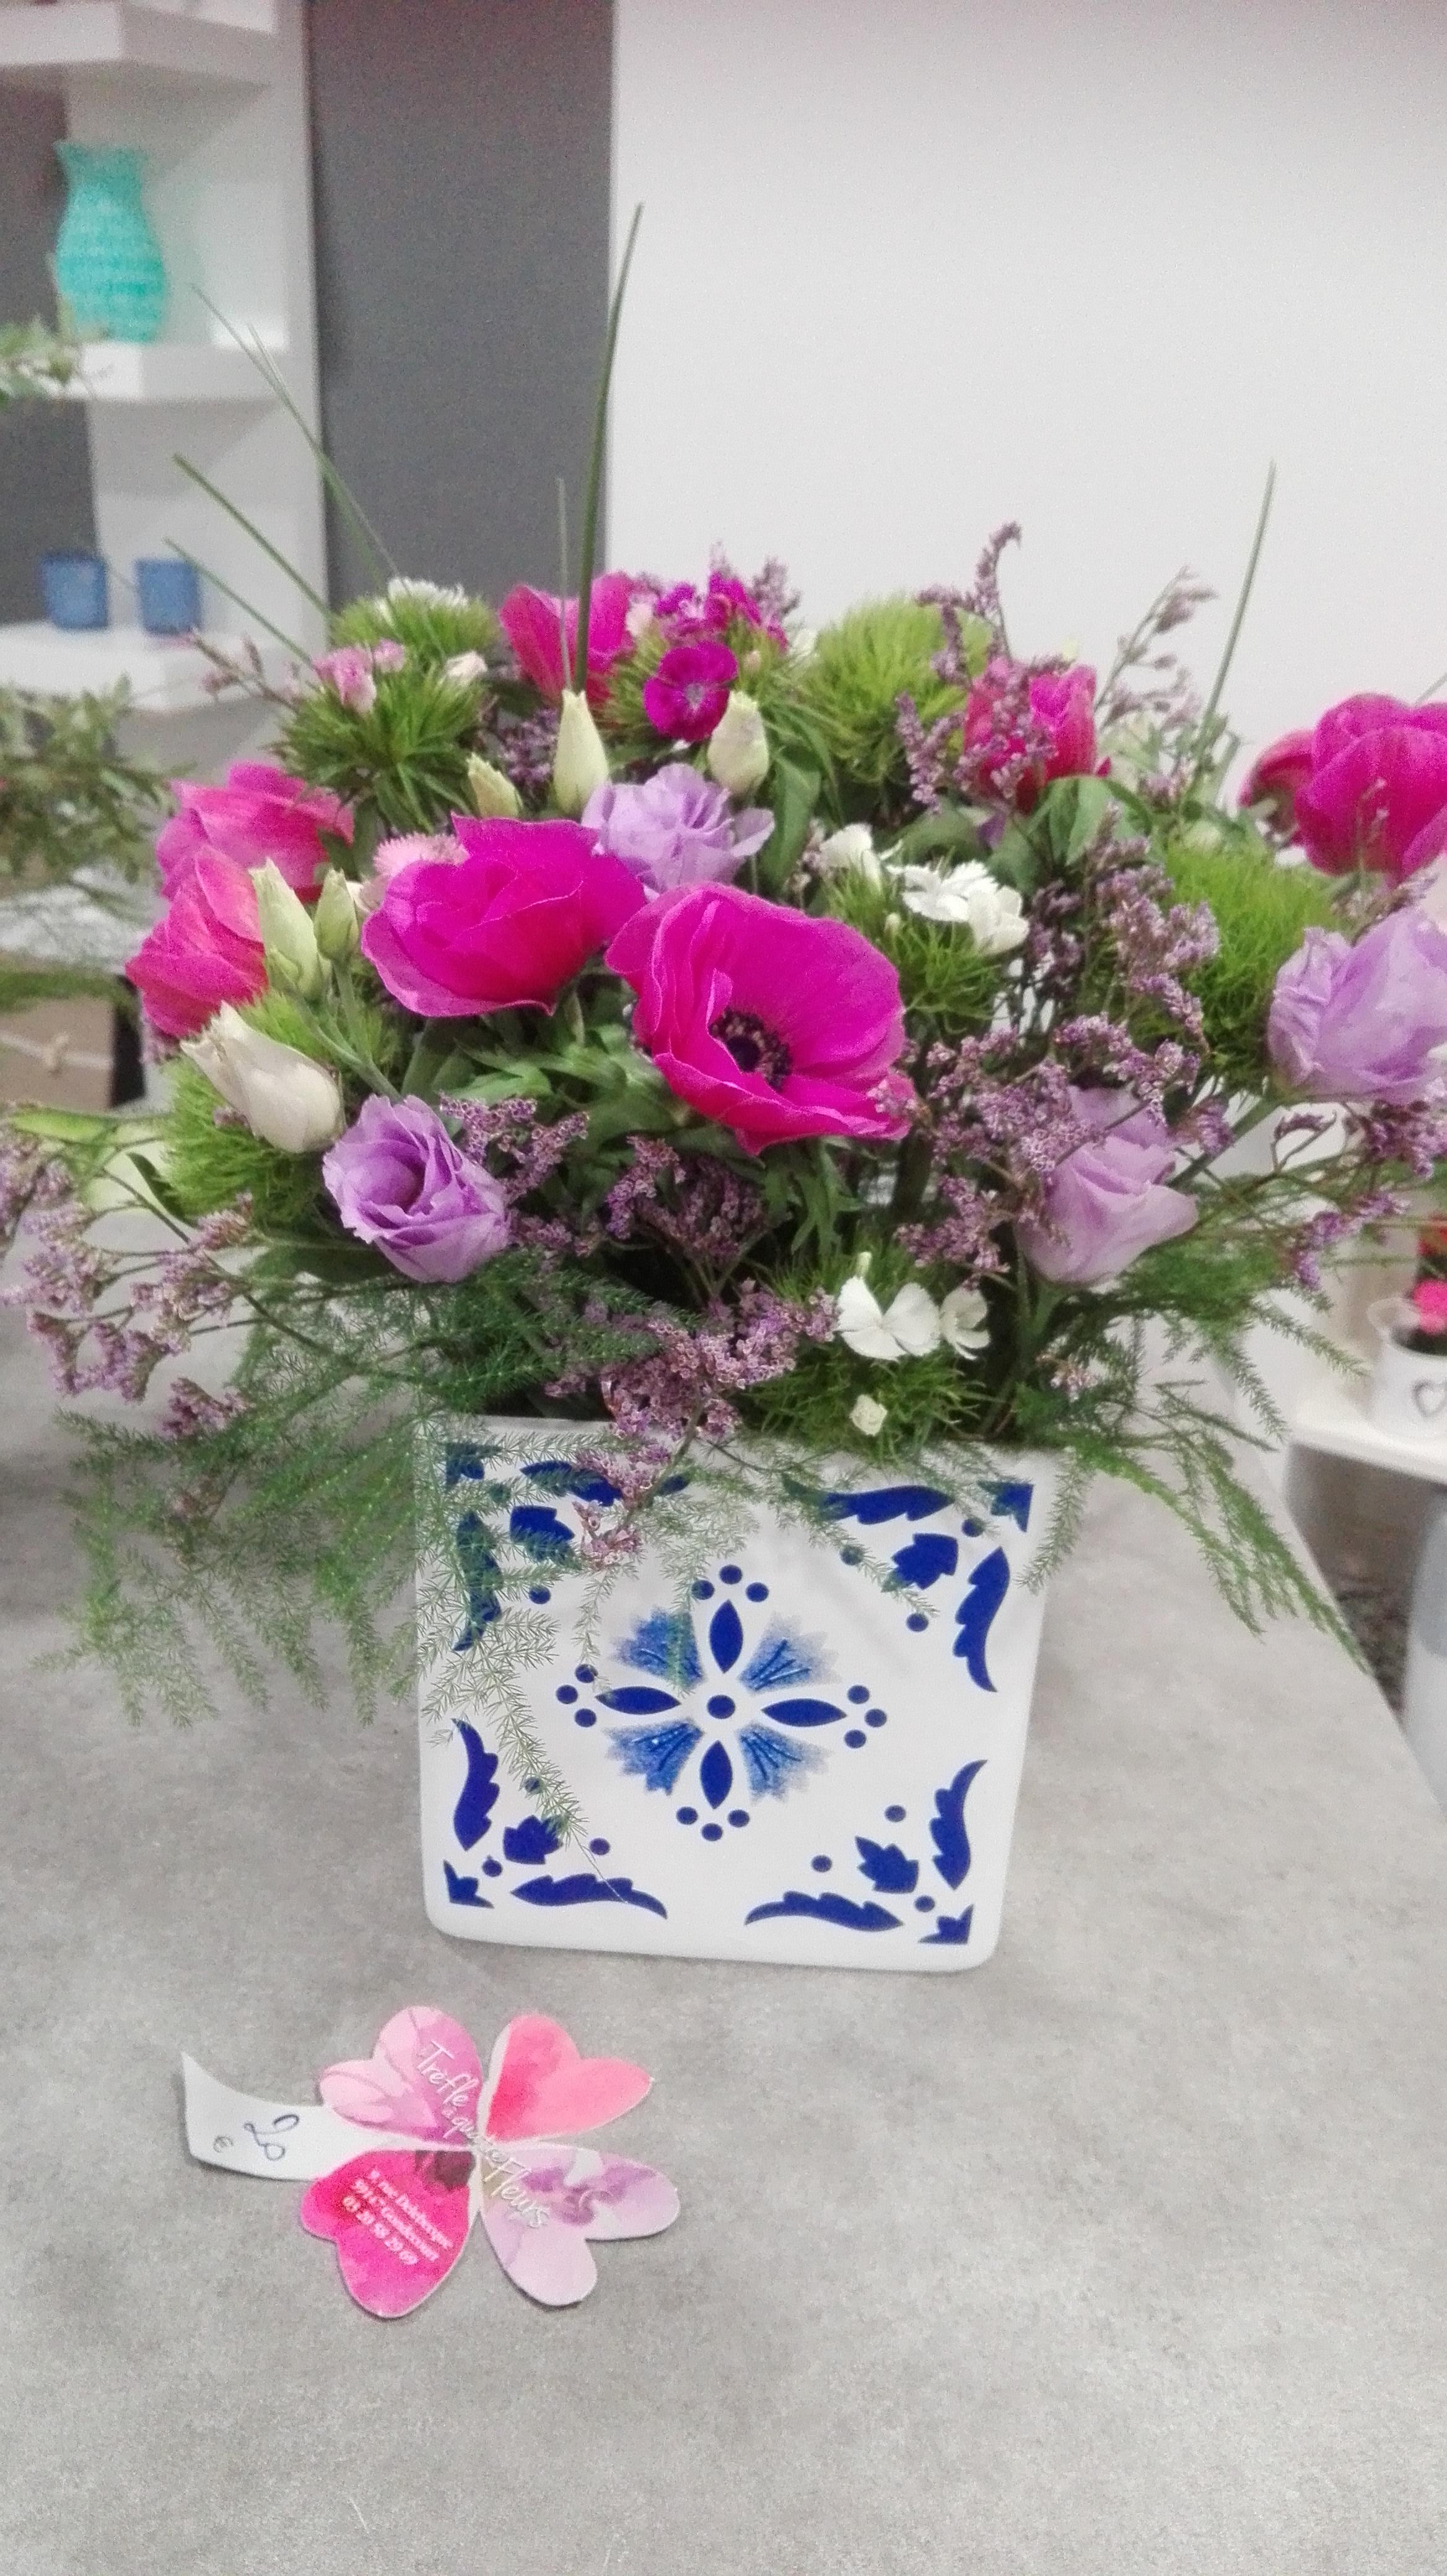 Bouquet de fleurs en direct meilleur prix qualit fleuriste for Bouquet de fleurs 10